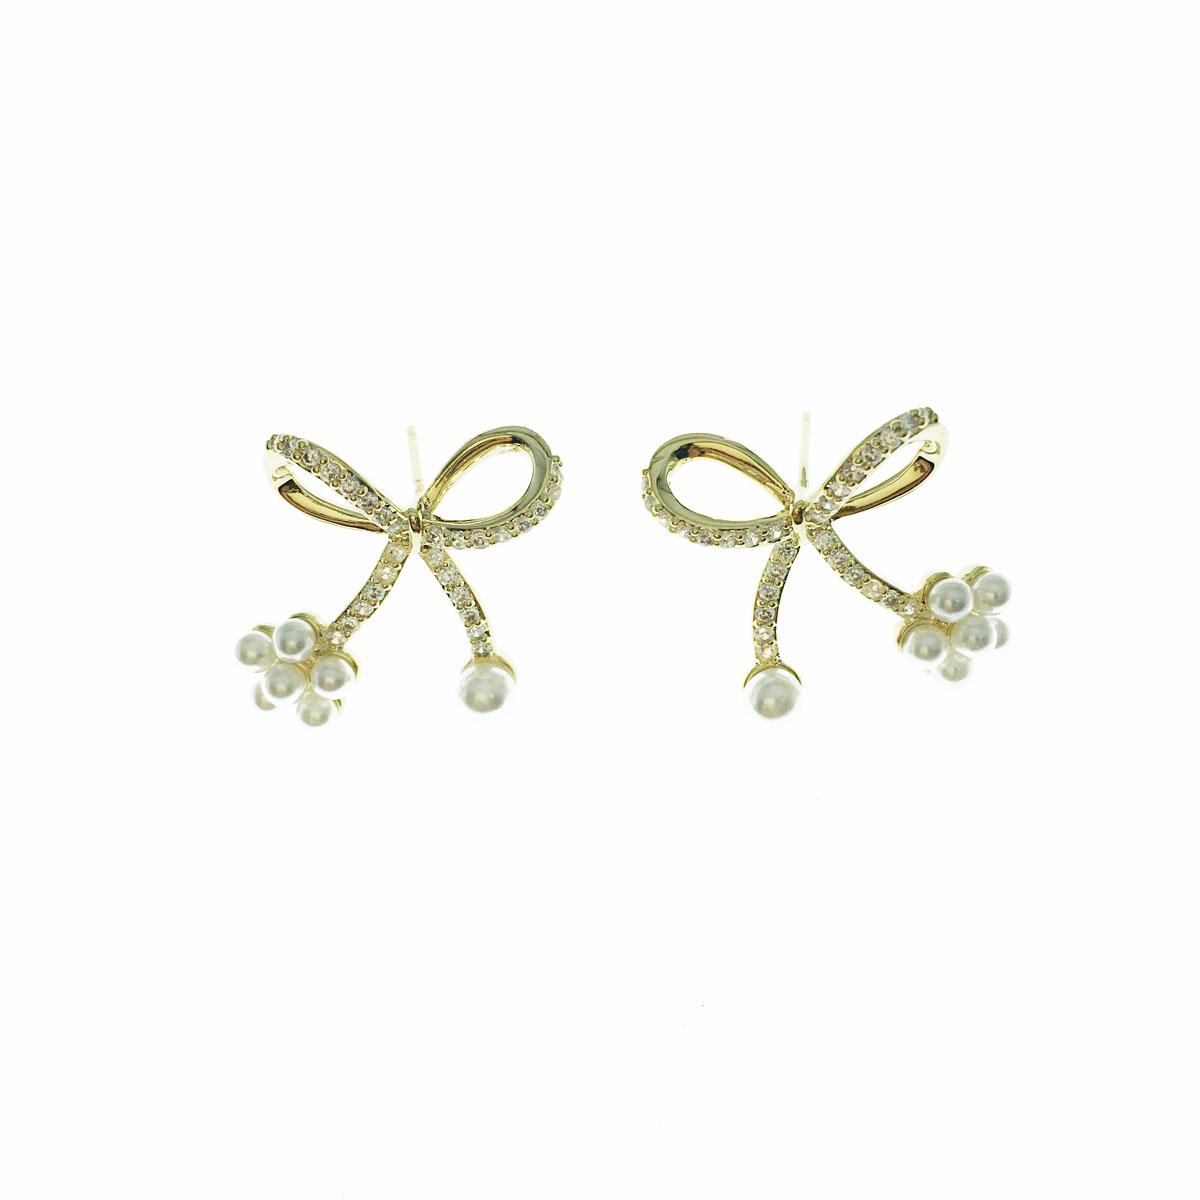 韓國 925純銀 水鑽 珍珠 花朵 蝴蝶結 耳針式 耳環